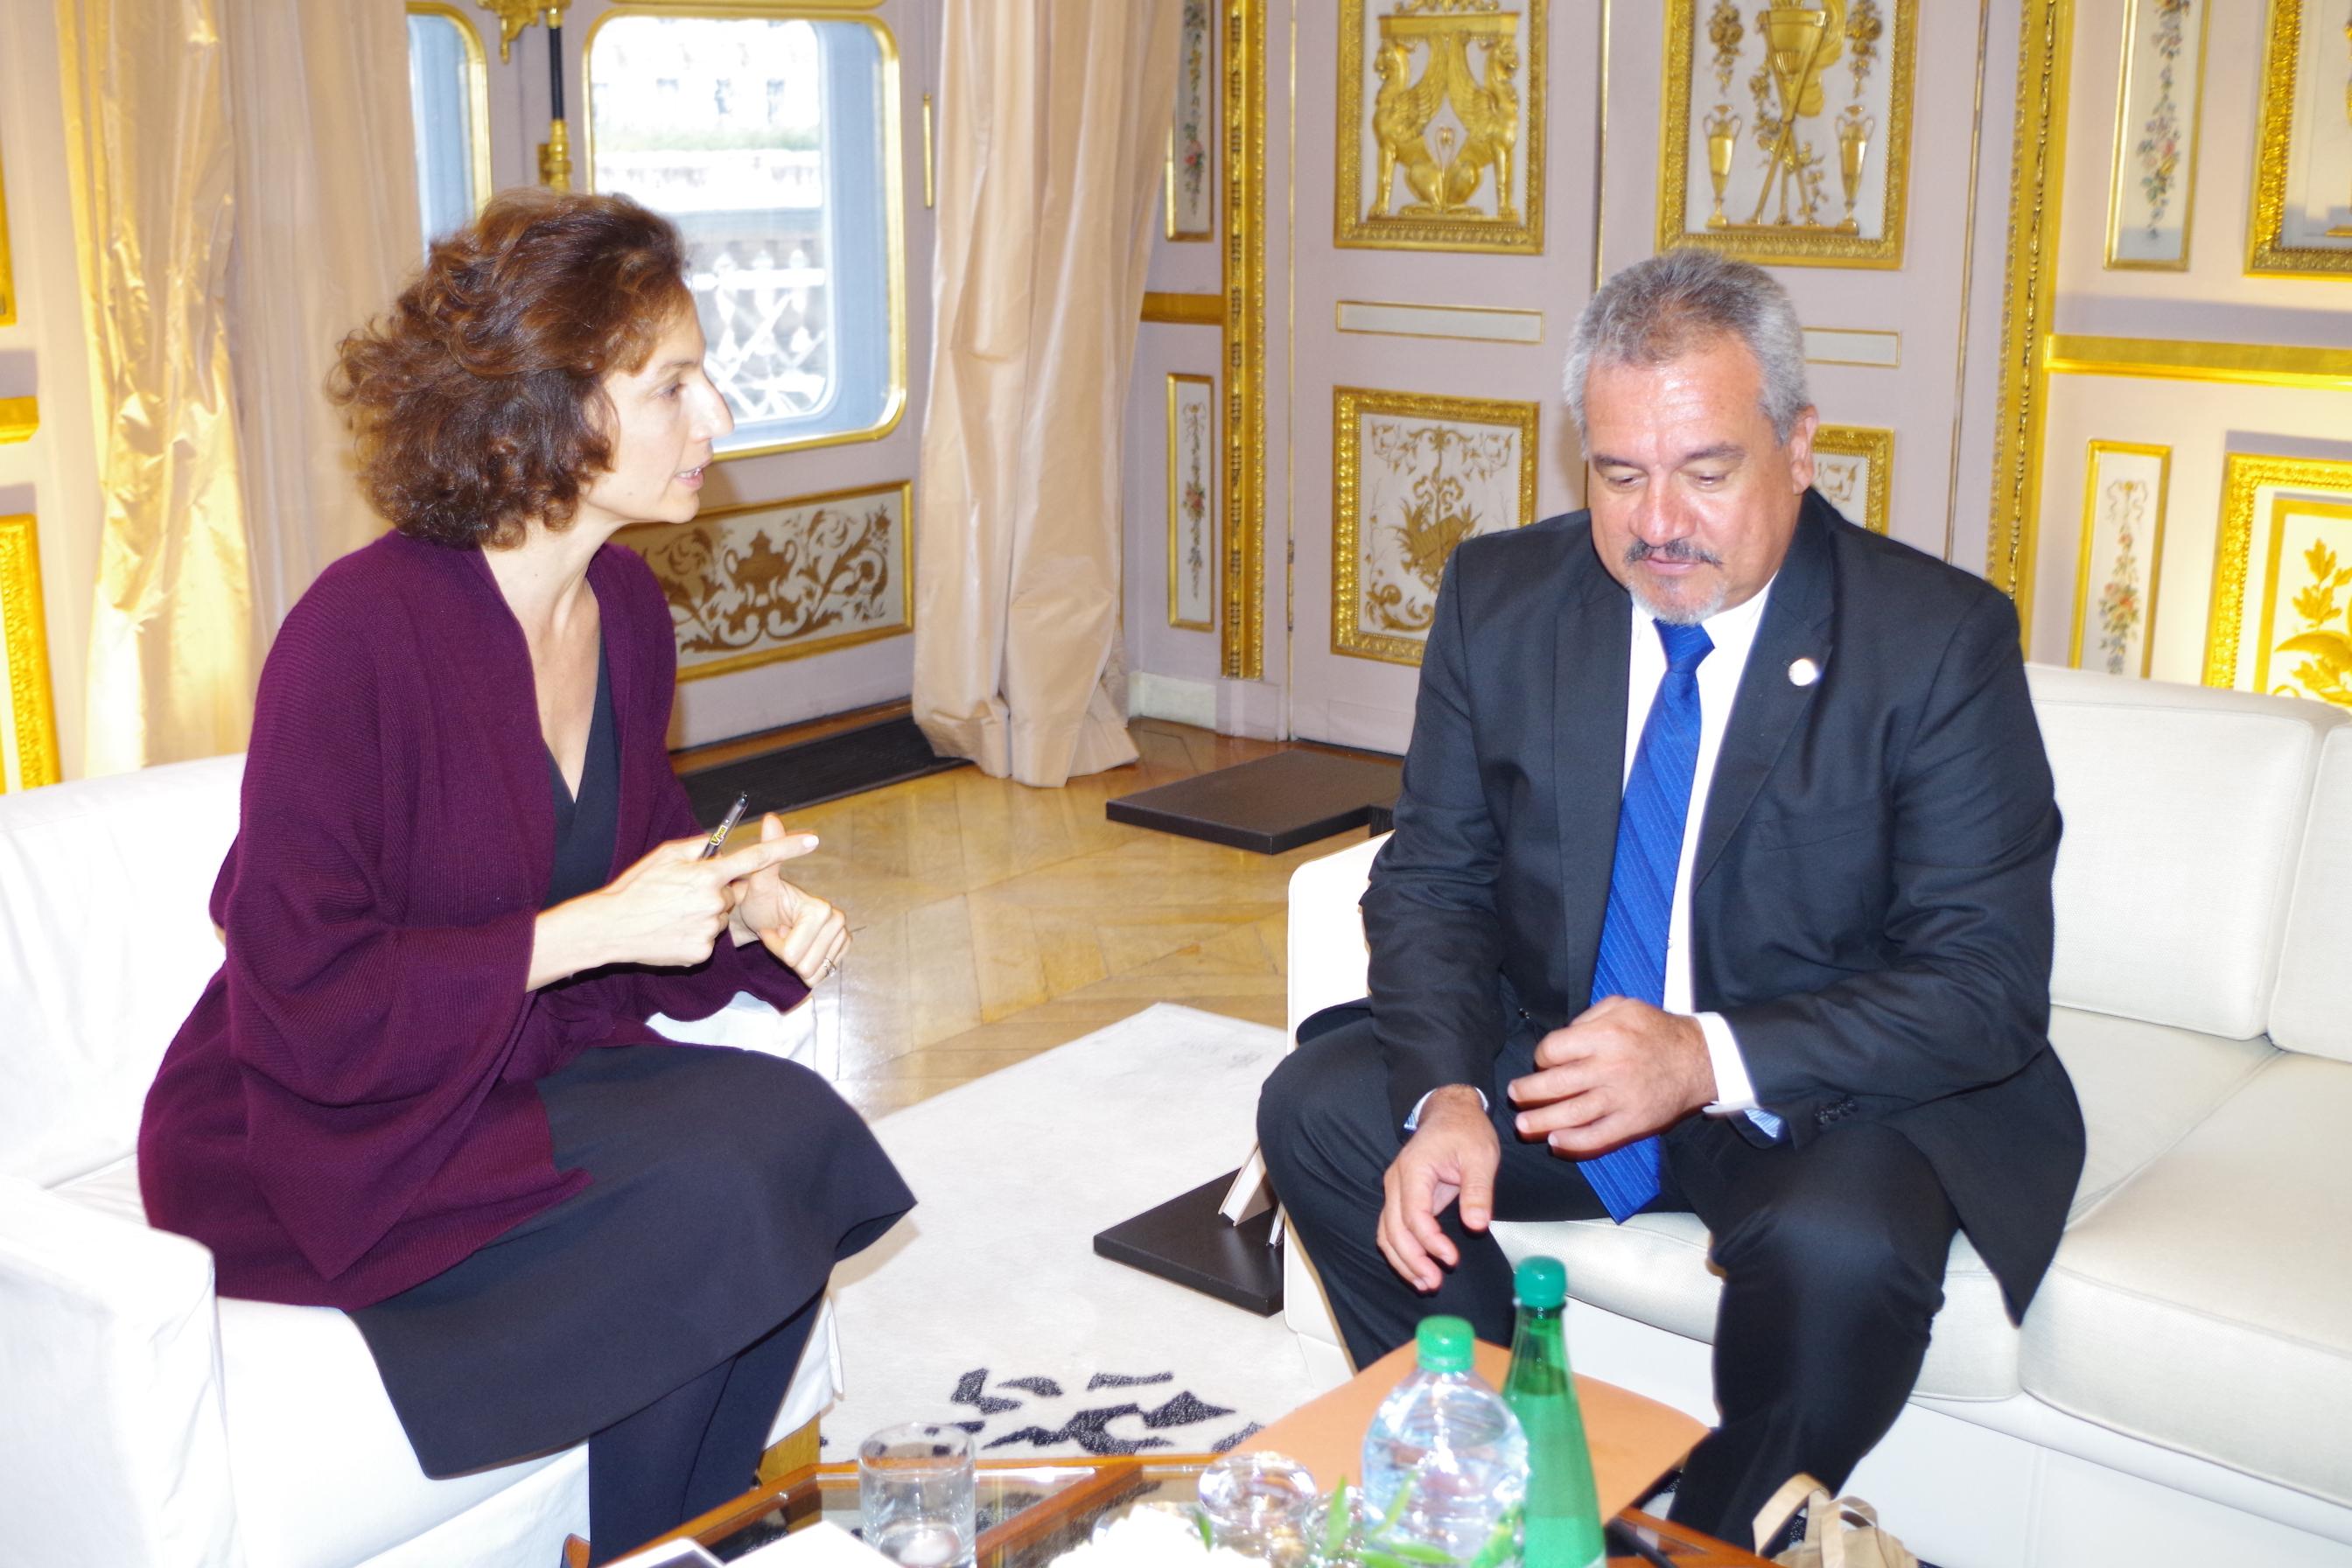 Heremoana Maamaatuaiahutapu a rencontré la ministre de la Culture Audrey Azoulay ce lundi 24 octobre ©Délégation de la Polynésie française